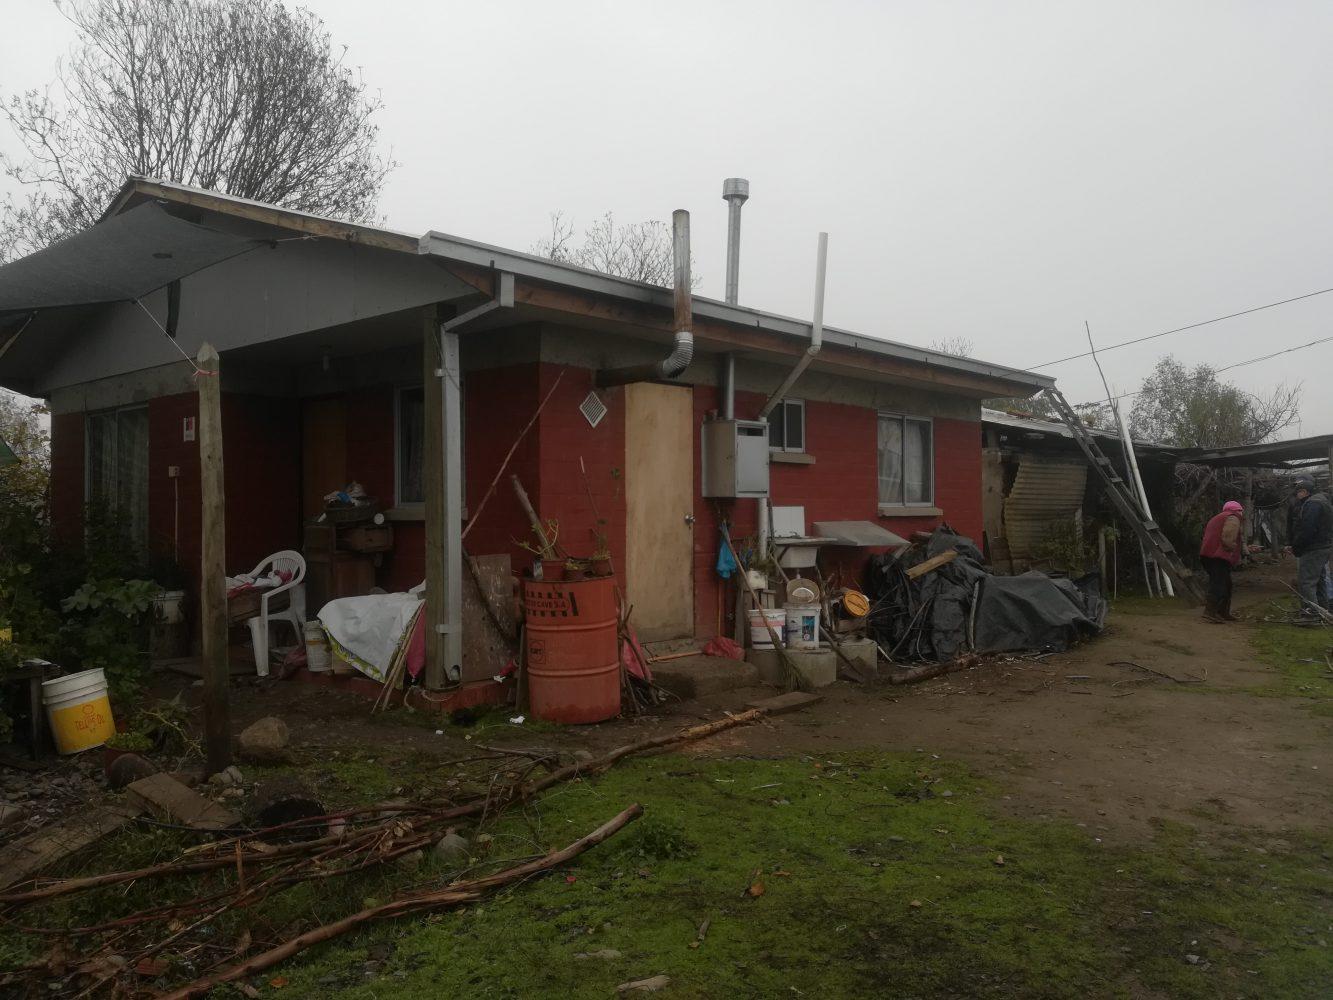 Casa de miembro comité Buenos Vecinos sector Pangue Arriba, se puede apreciar la casa entregada por SERVIU post terremoto 2010 y en la parte trasera restos de la vivienda original de adobe.